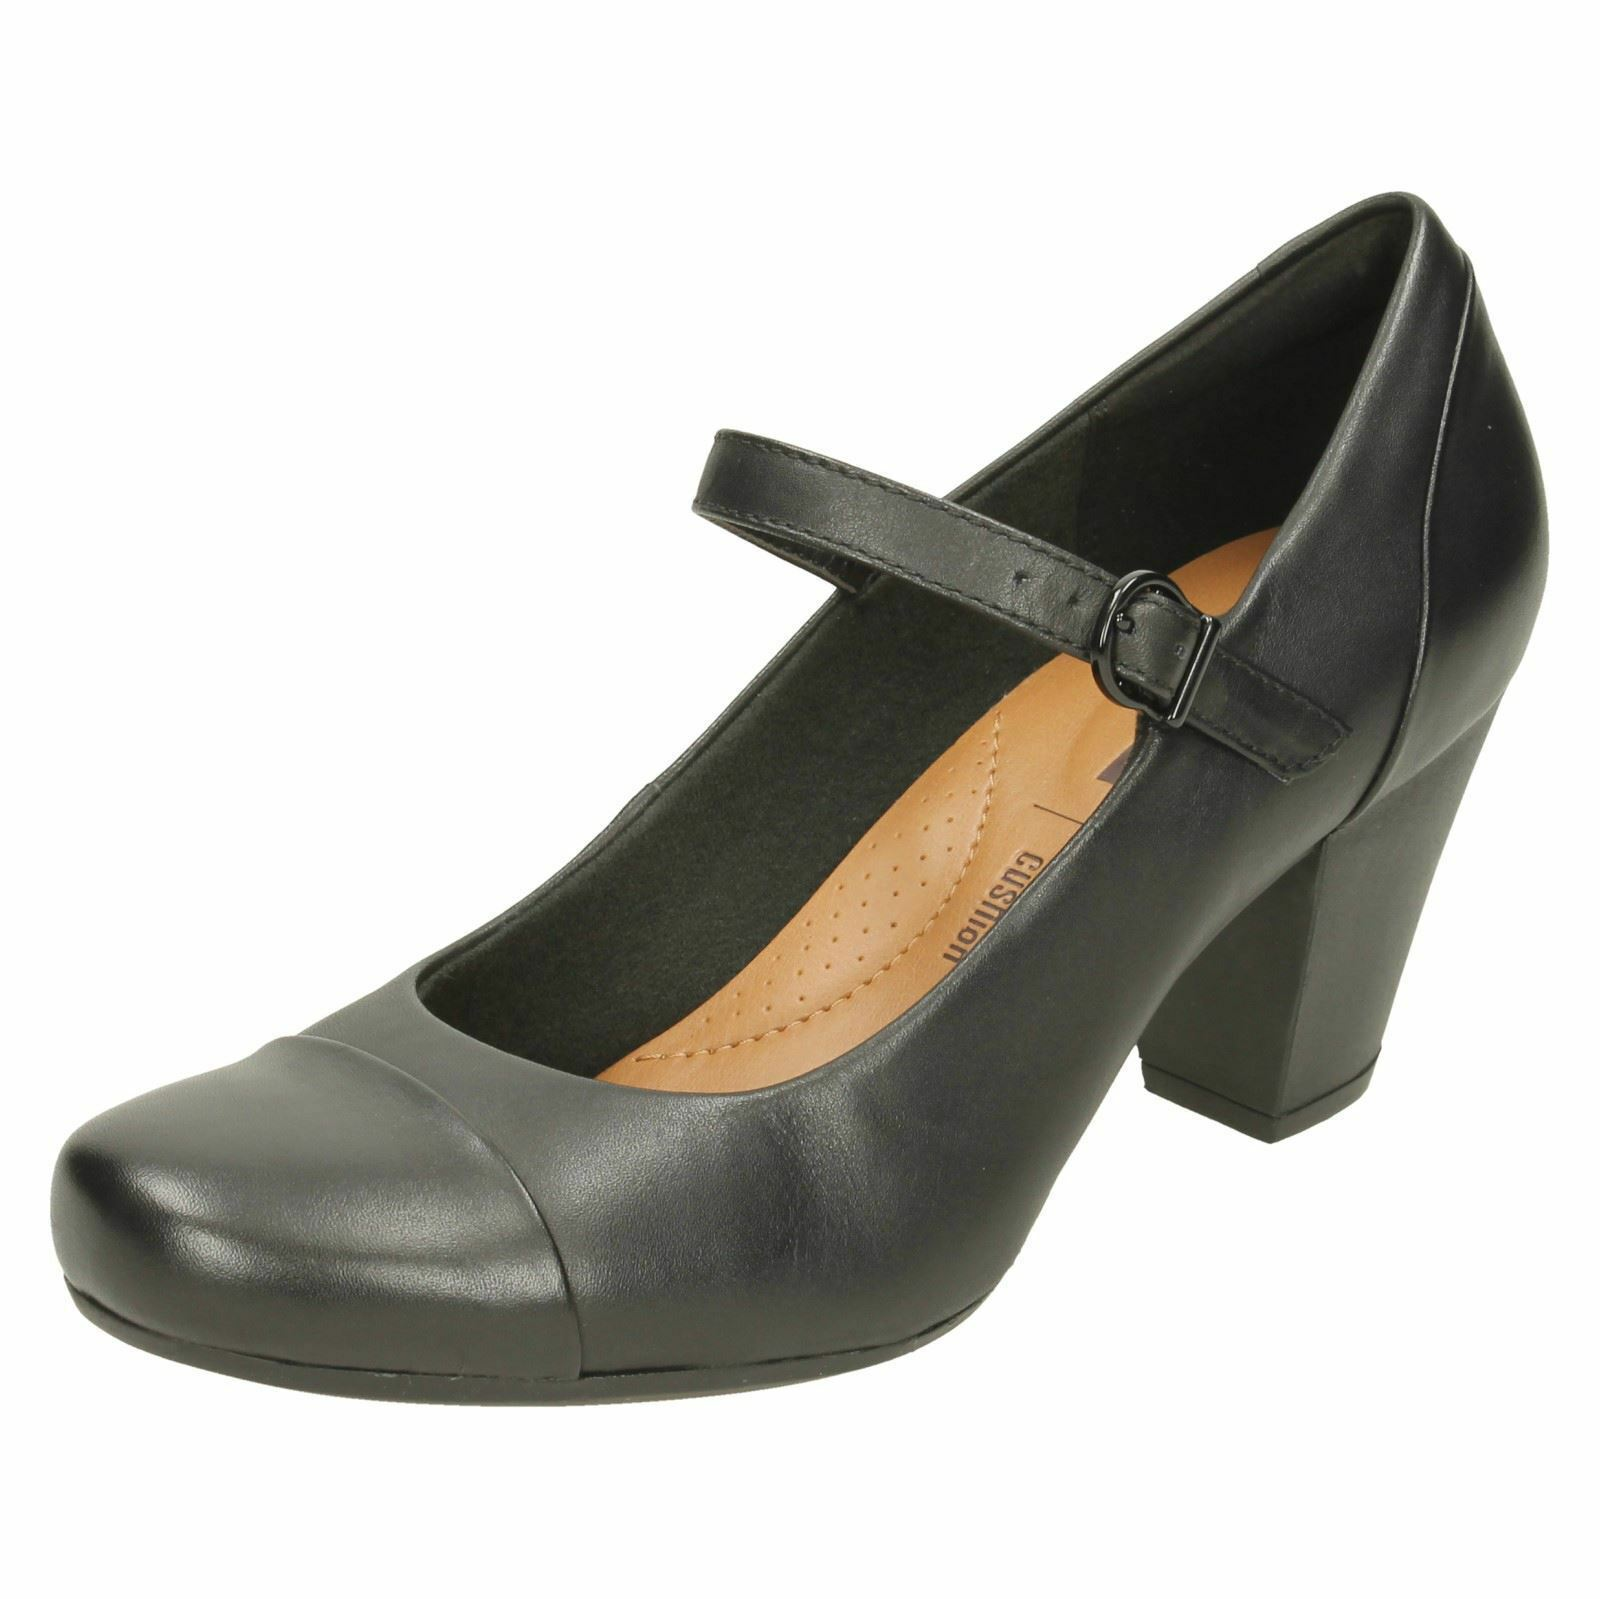 Mujer Ajuste D garnit Tianna Zapatos De Salón Cuero De CLARKS